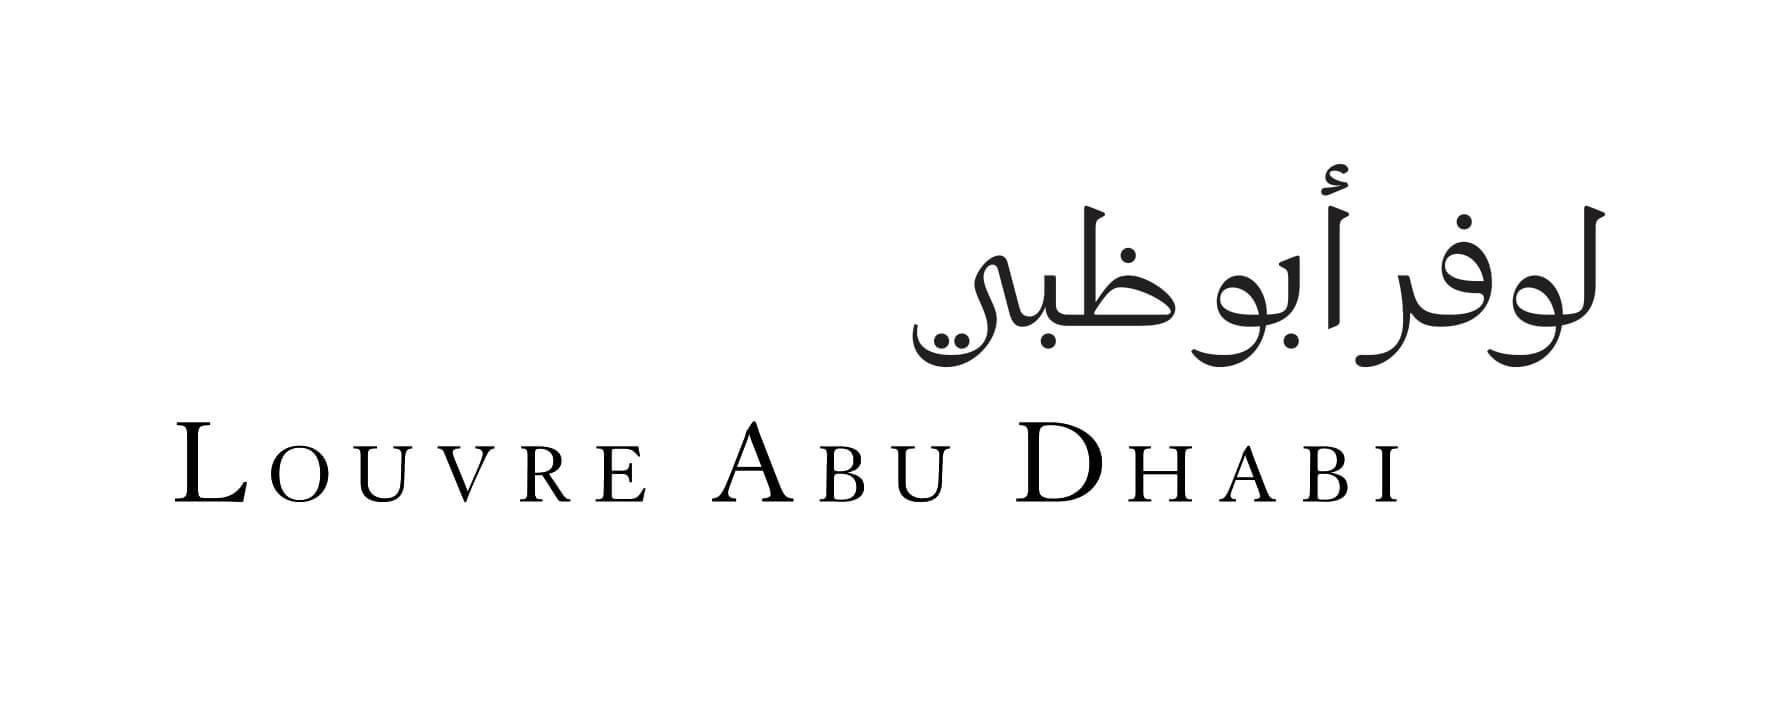 Le paraphe, logo dessiné par ichetkar pour le Louvre Abou Dabi.